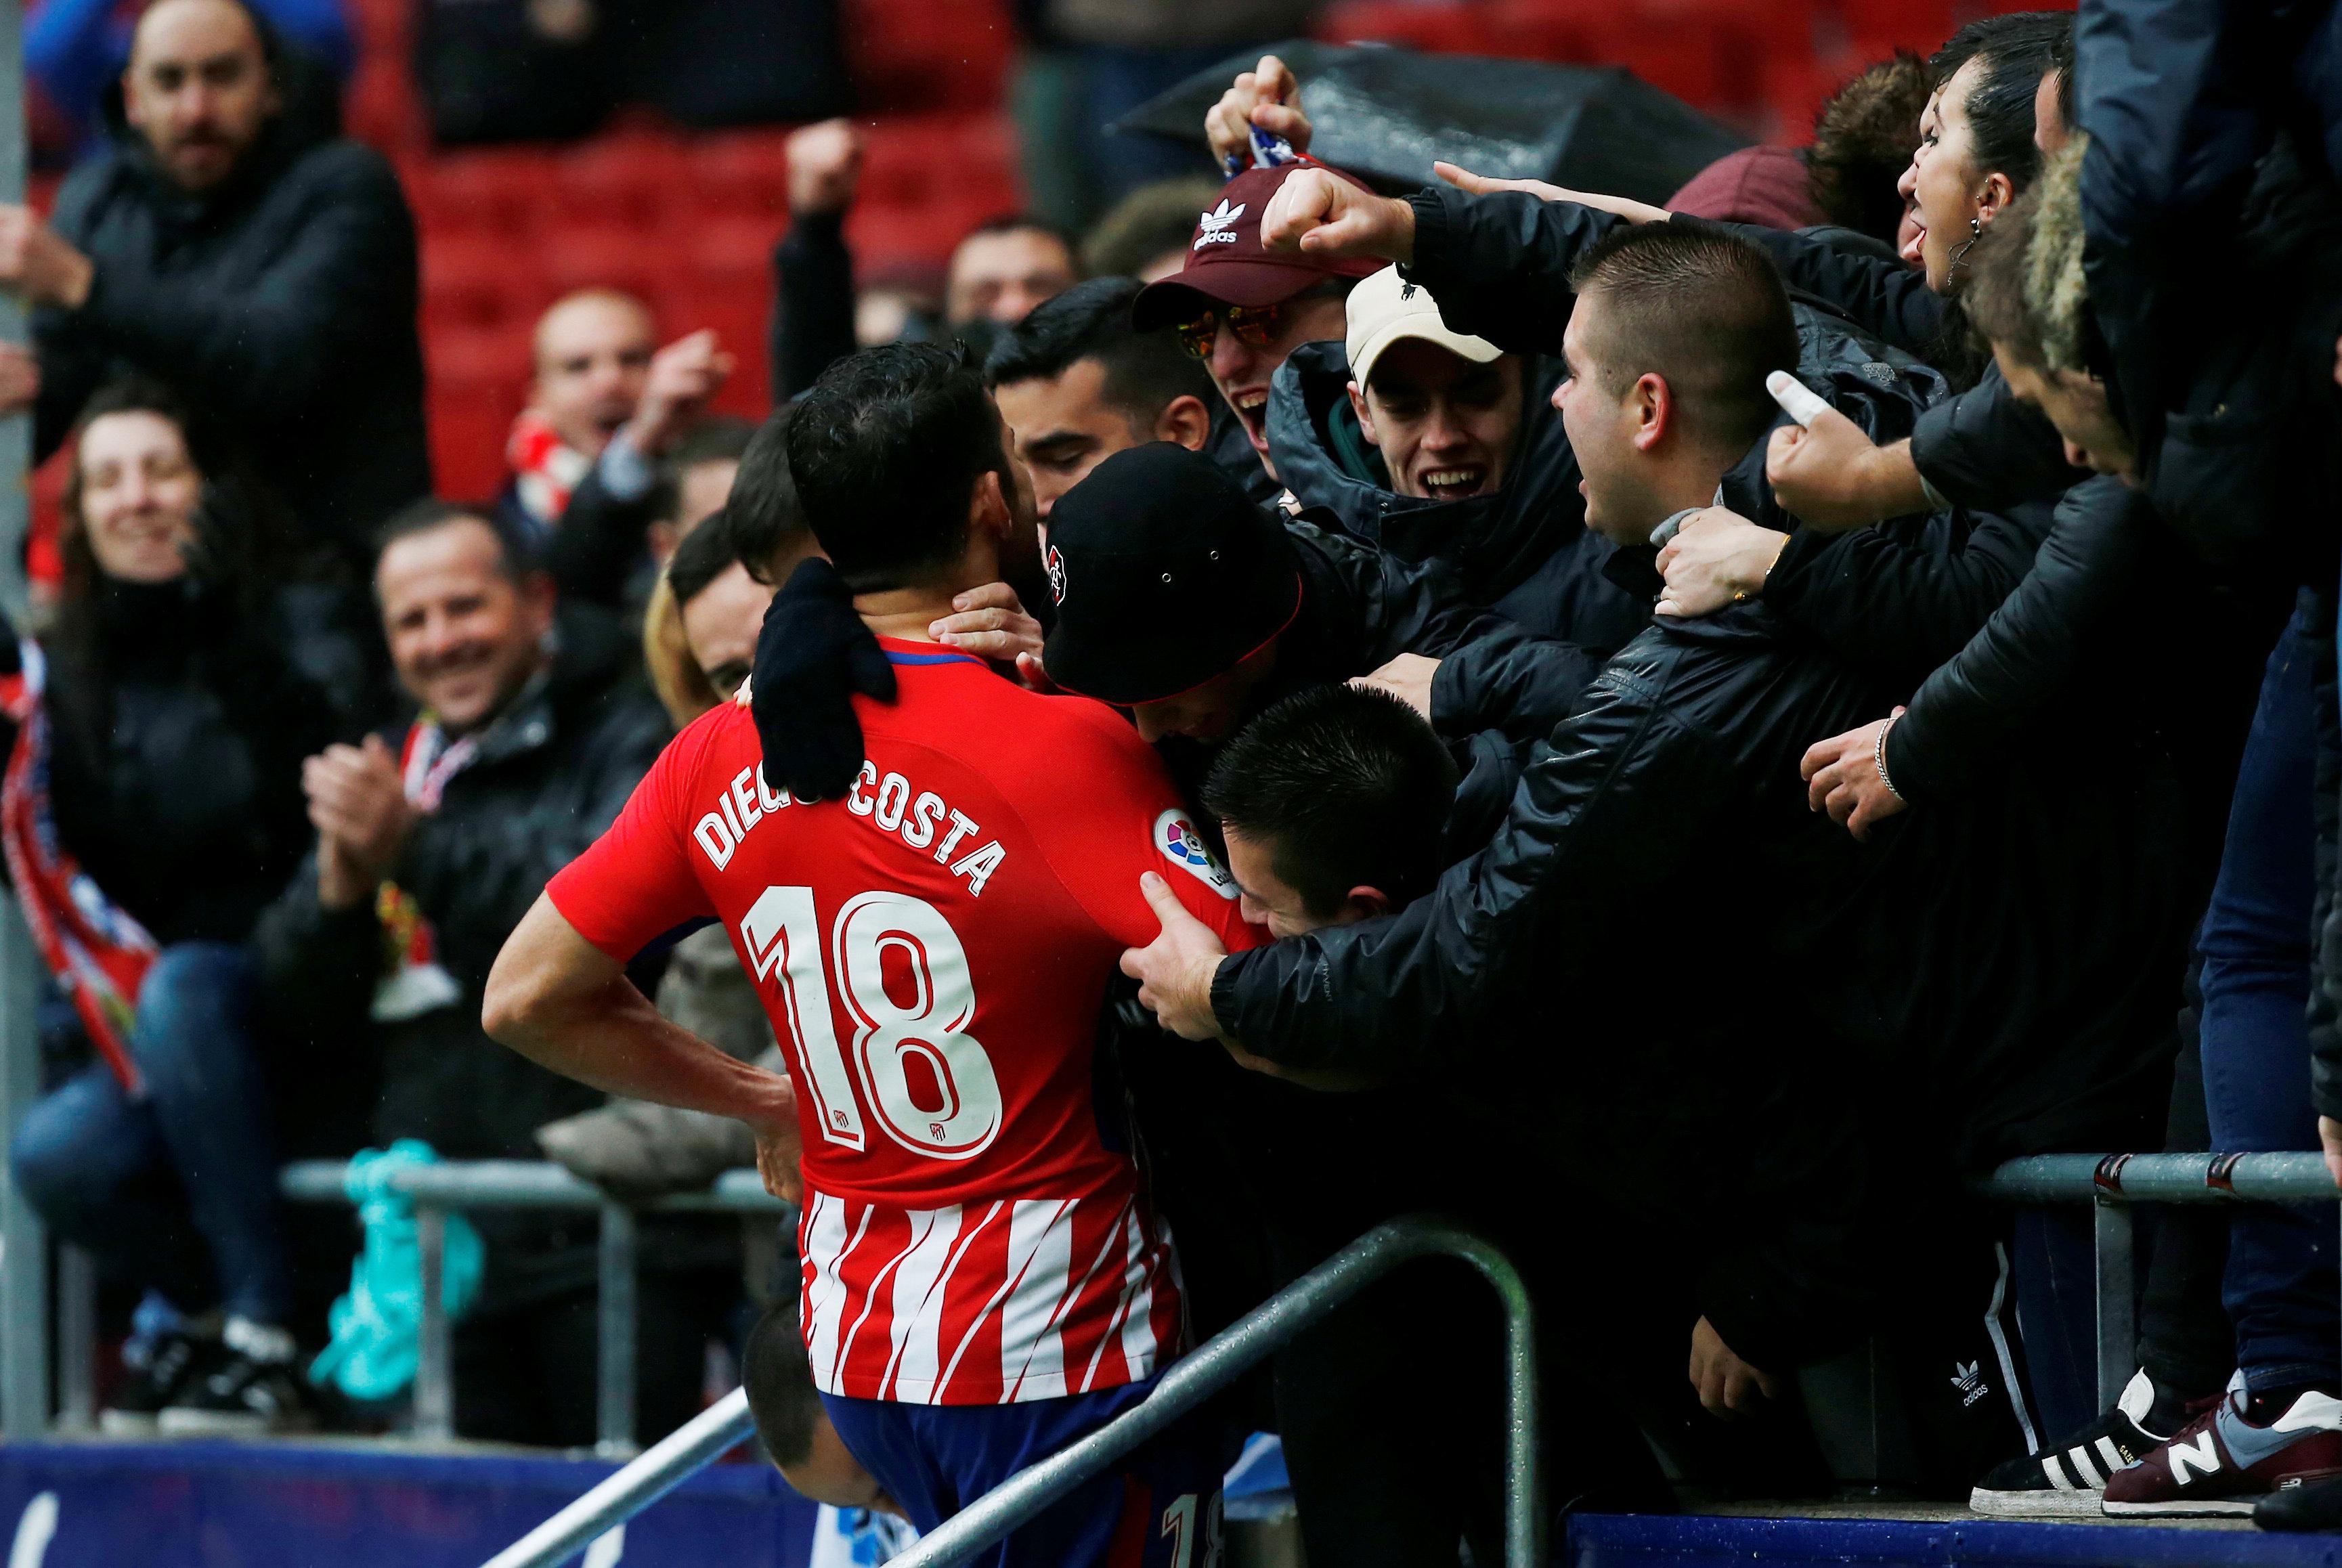 Costa ăn mừng với các CĐV Atletico Madrid sau khi nâng tỉ số lên 2-0. Ảnh: REUTERS